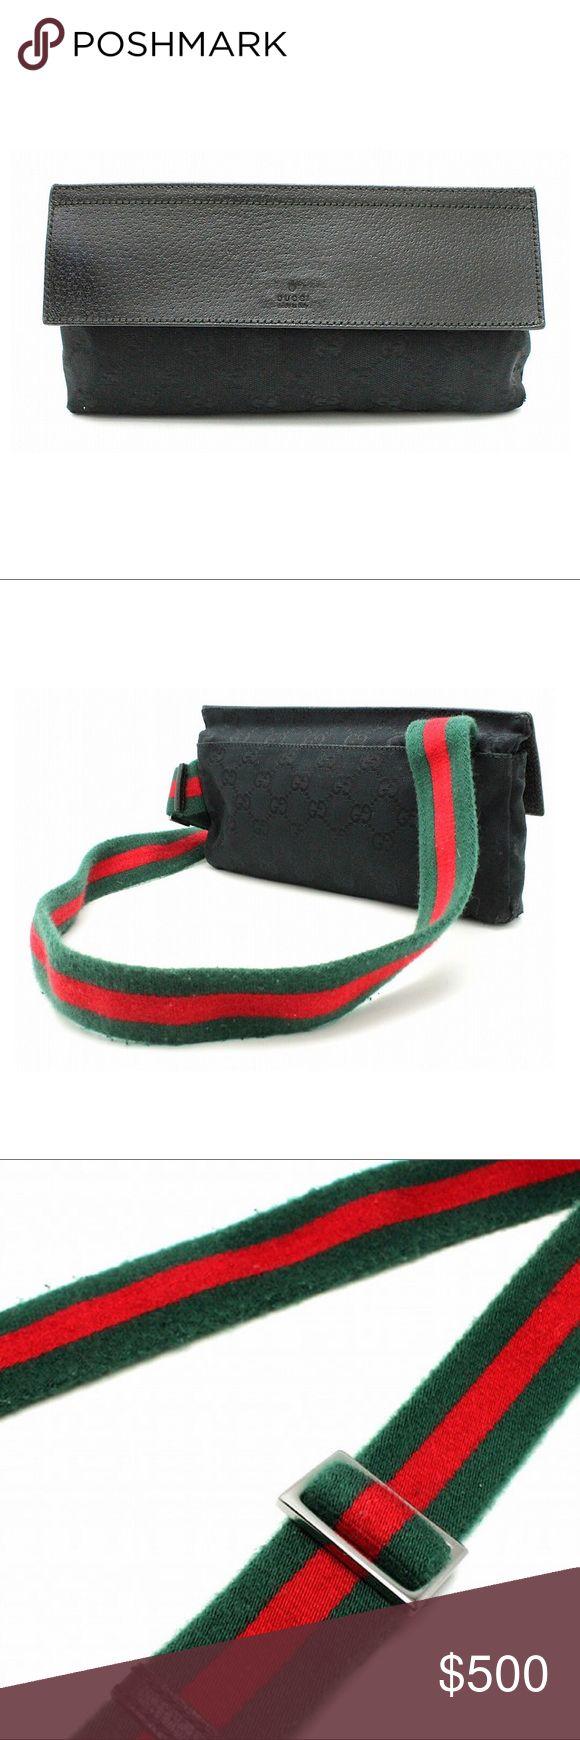 Authentic Gucci Signature Web Belt Bag/Waist Pouch Authentic Gucci Monogram GG Signature Web Belt Bag/Waist Pouch Serial No: 180691 213317 Made in Italy  Monogram GG Canvas, Leather Trim, Signature Web Belt Gucci Bags